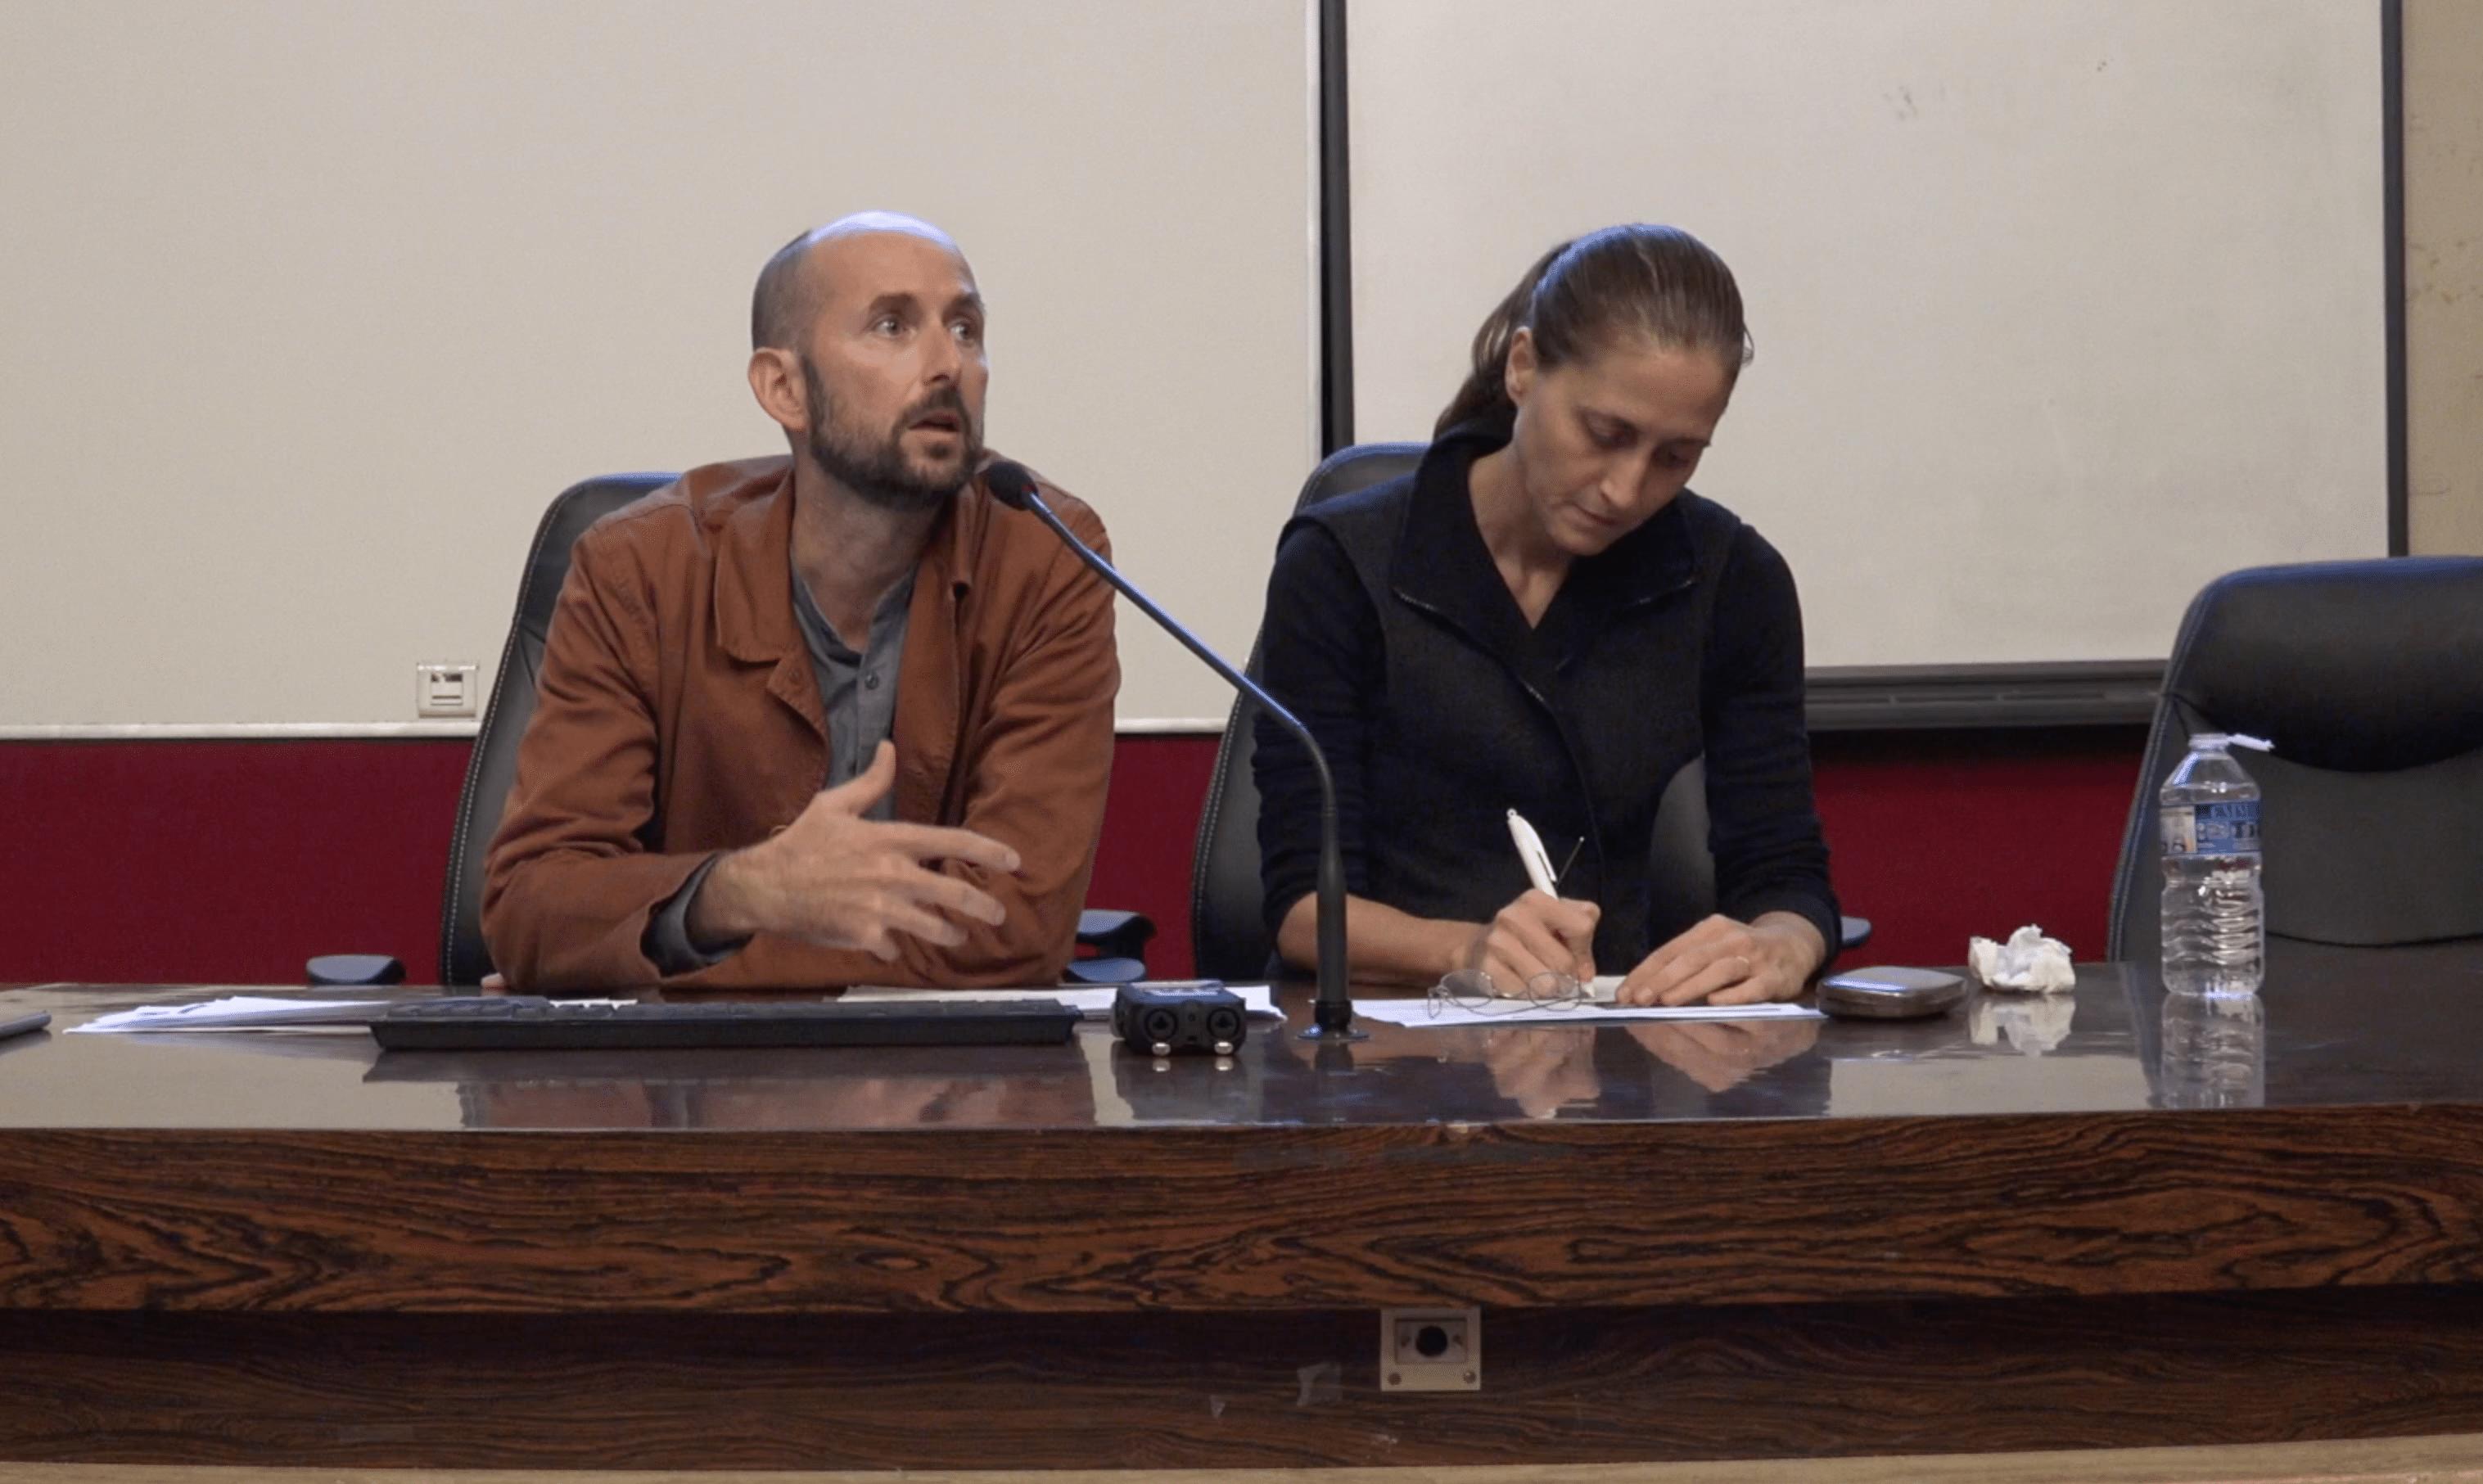 Cynthia Fleury et Antoine Fenoglio – Quel dessein pour la régulation démocratique?